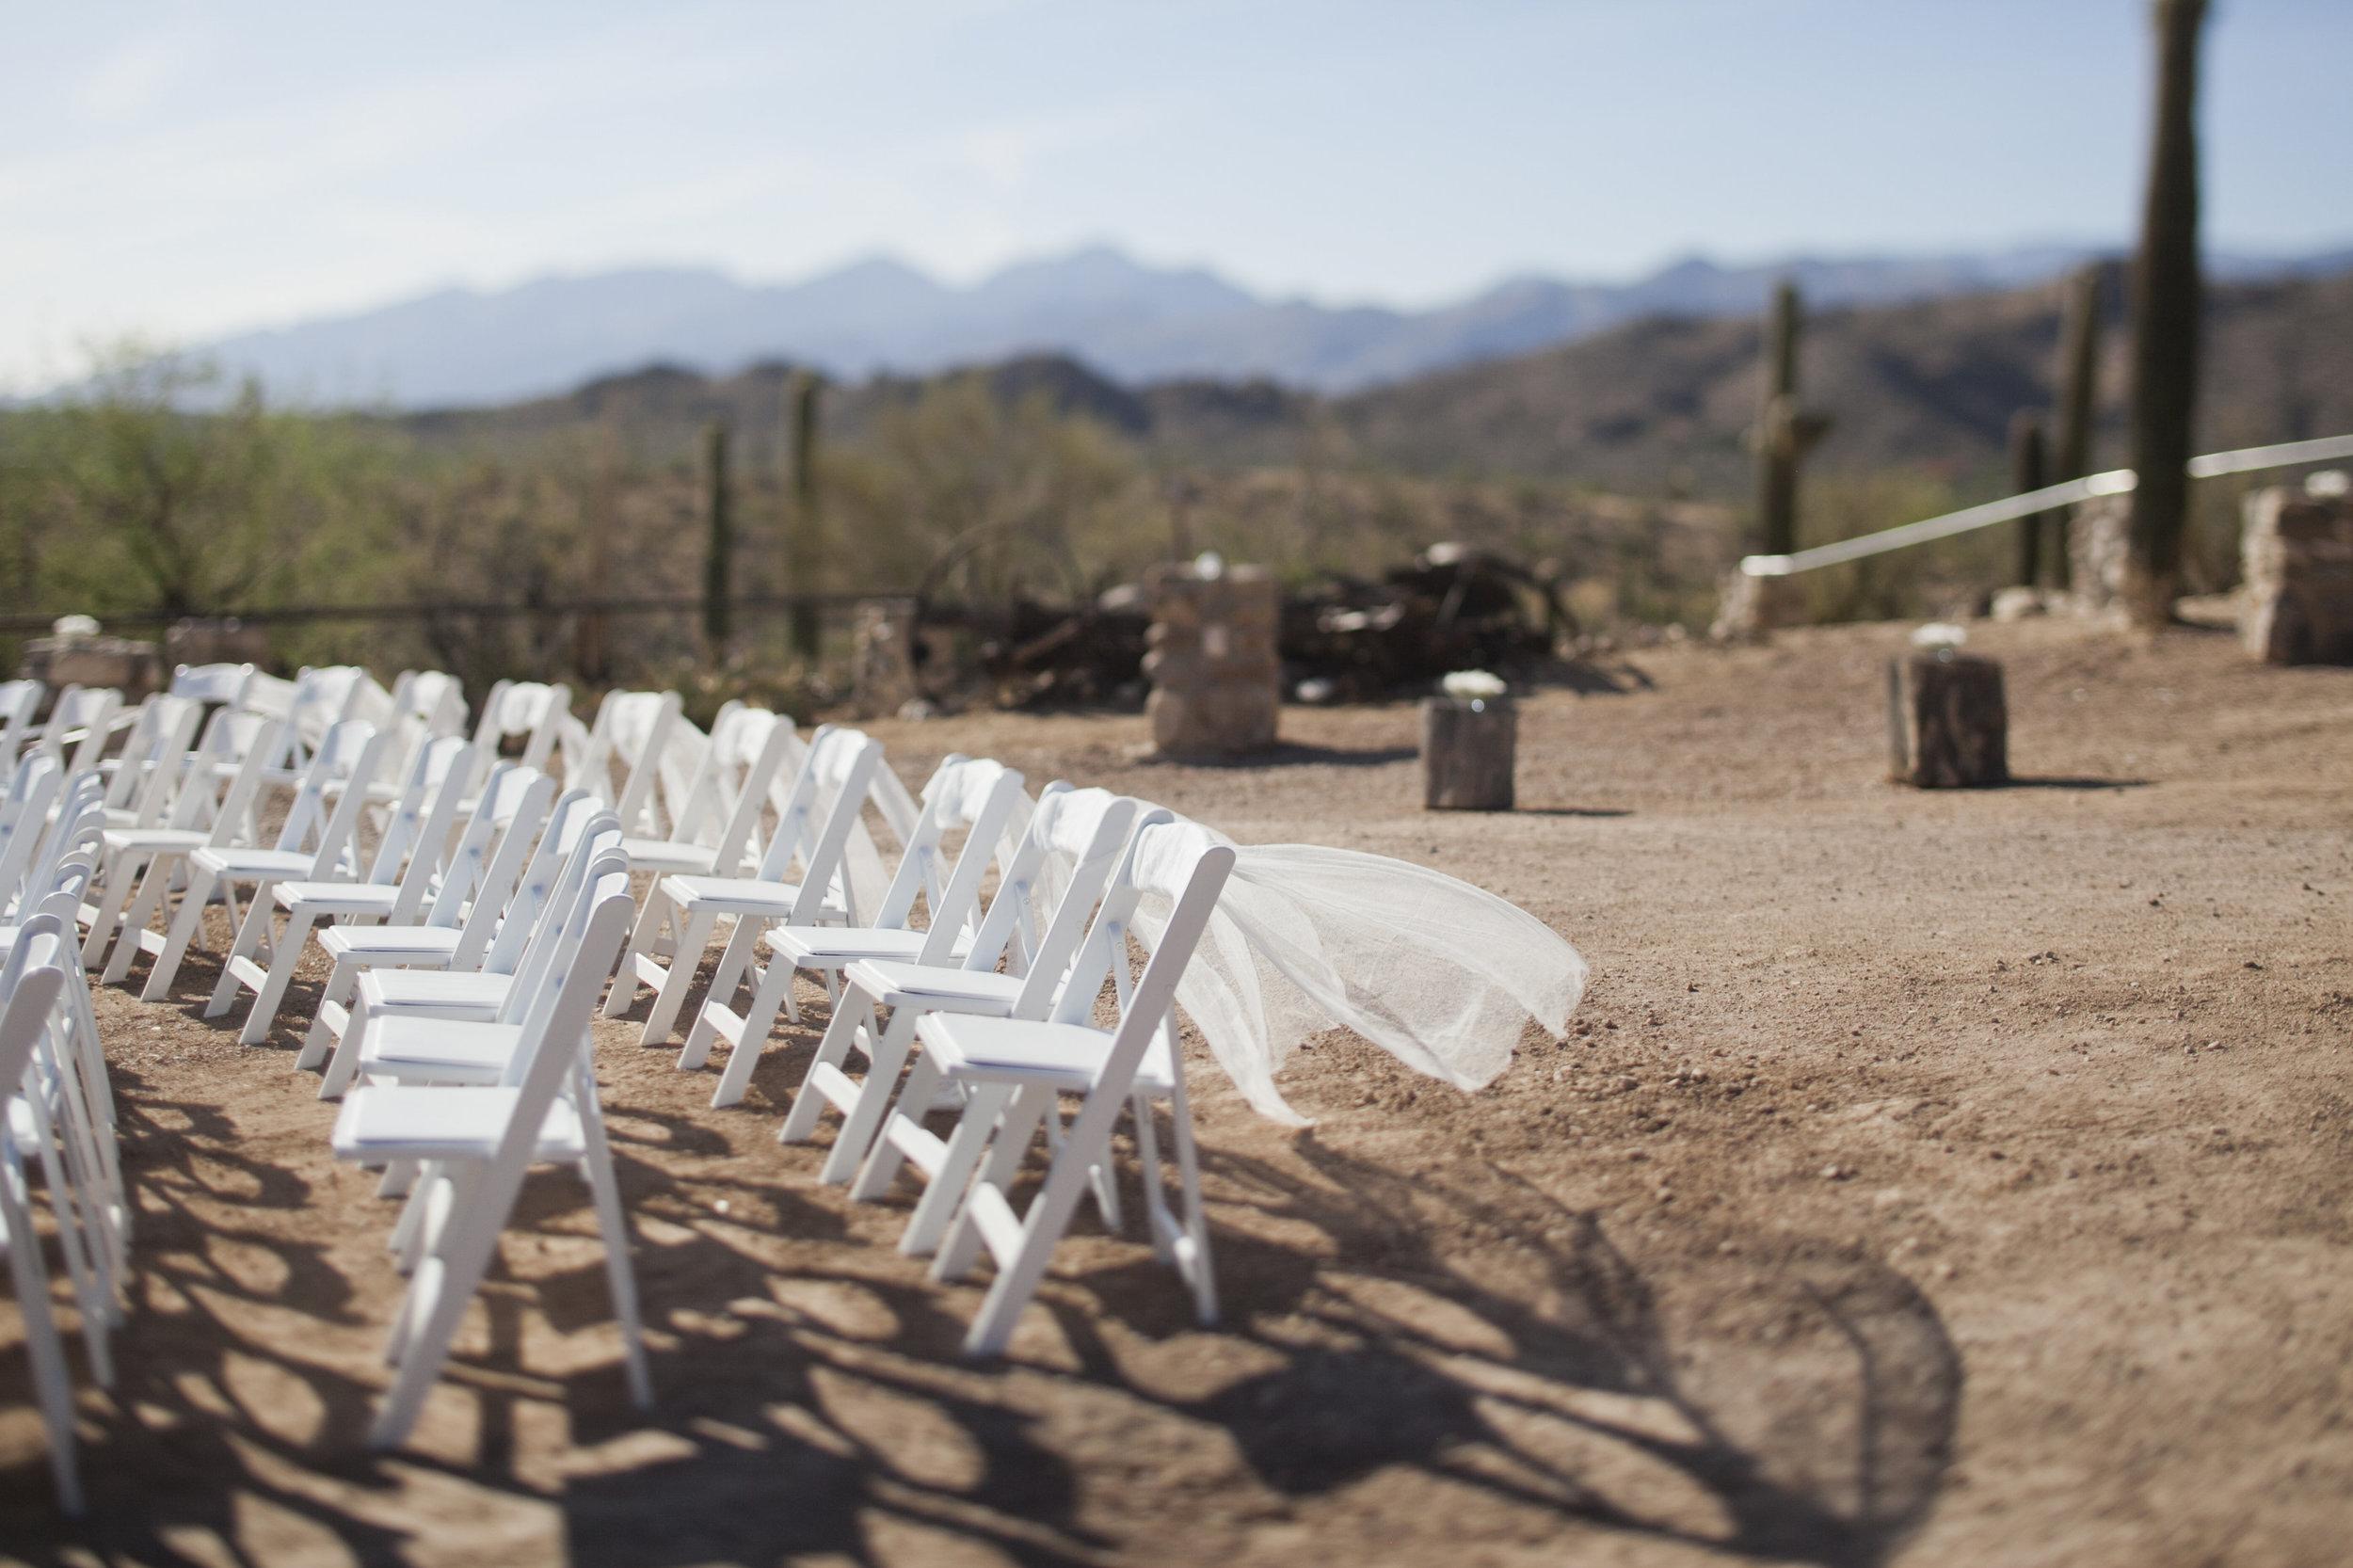 Ceci_New_York_Ceci_Style_Ceci_Johnson_Luxury_Lifestyle_Arizona_Wedding_Watercolor_Inspiration_Design_Custom_Couture_Personalized_Invitations_101.jpg